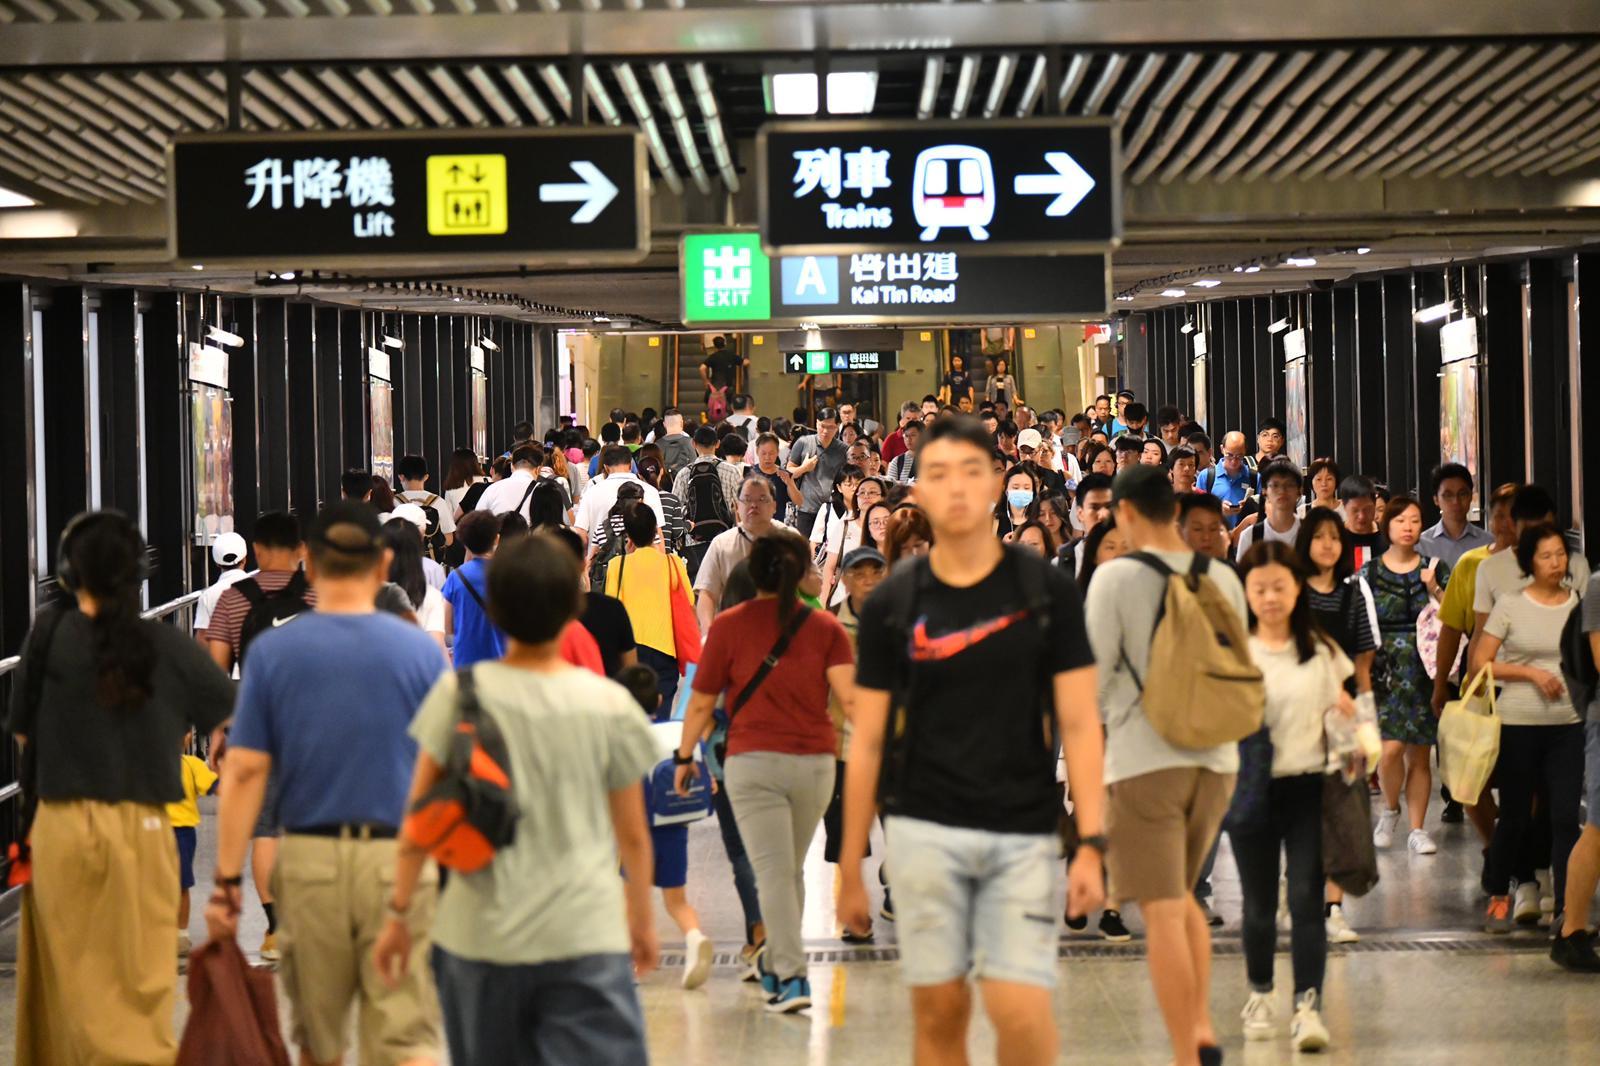 藍田站出現大批人潮。